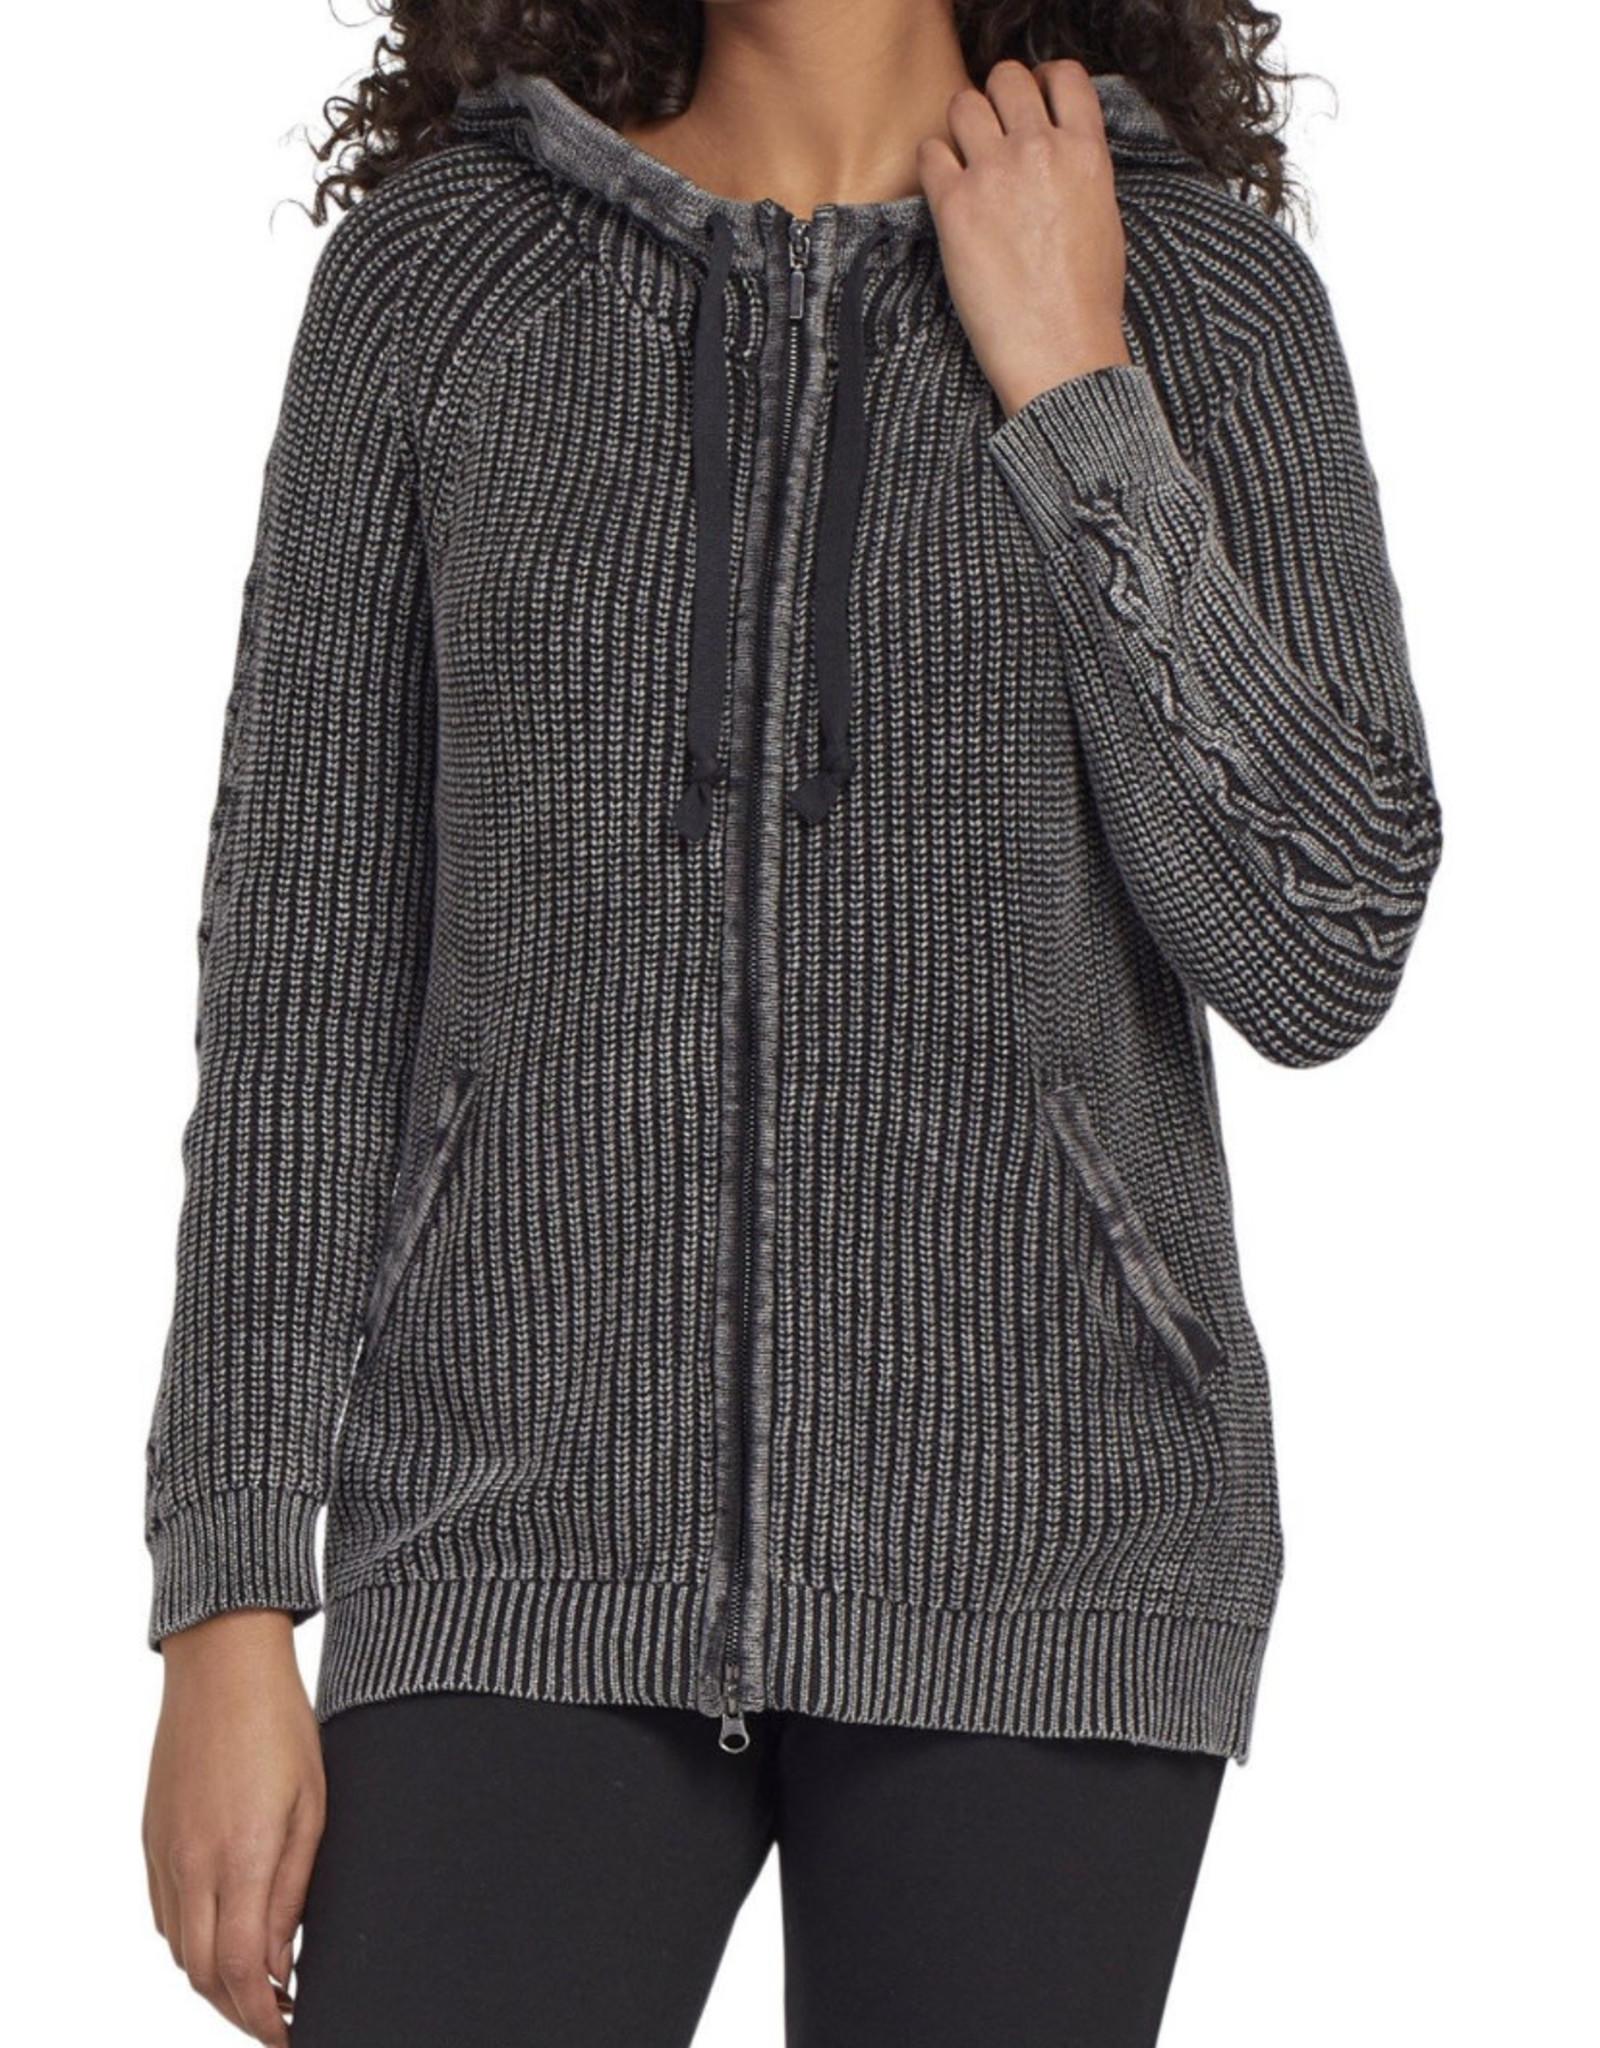 Zip hoodie Charcoal